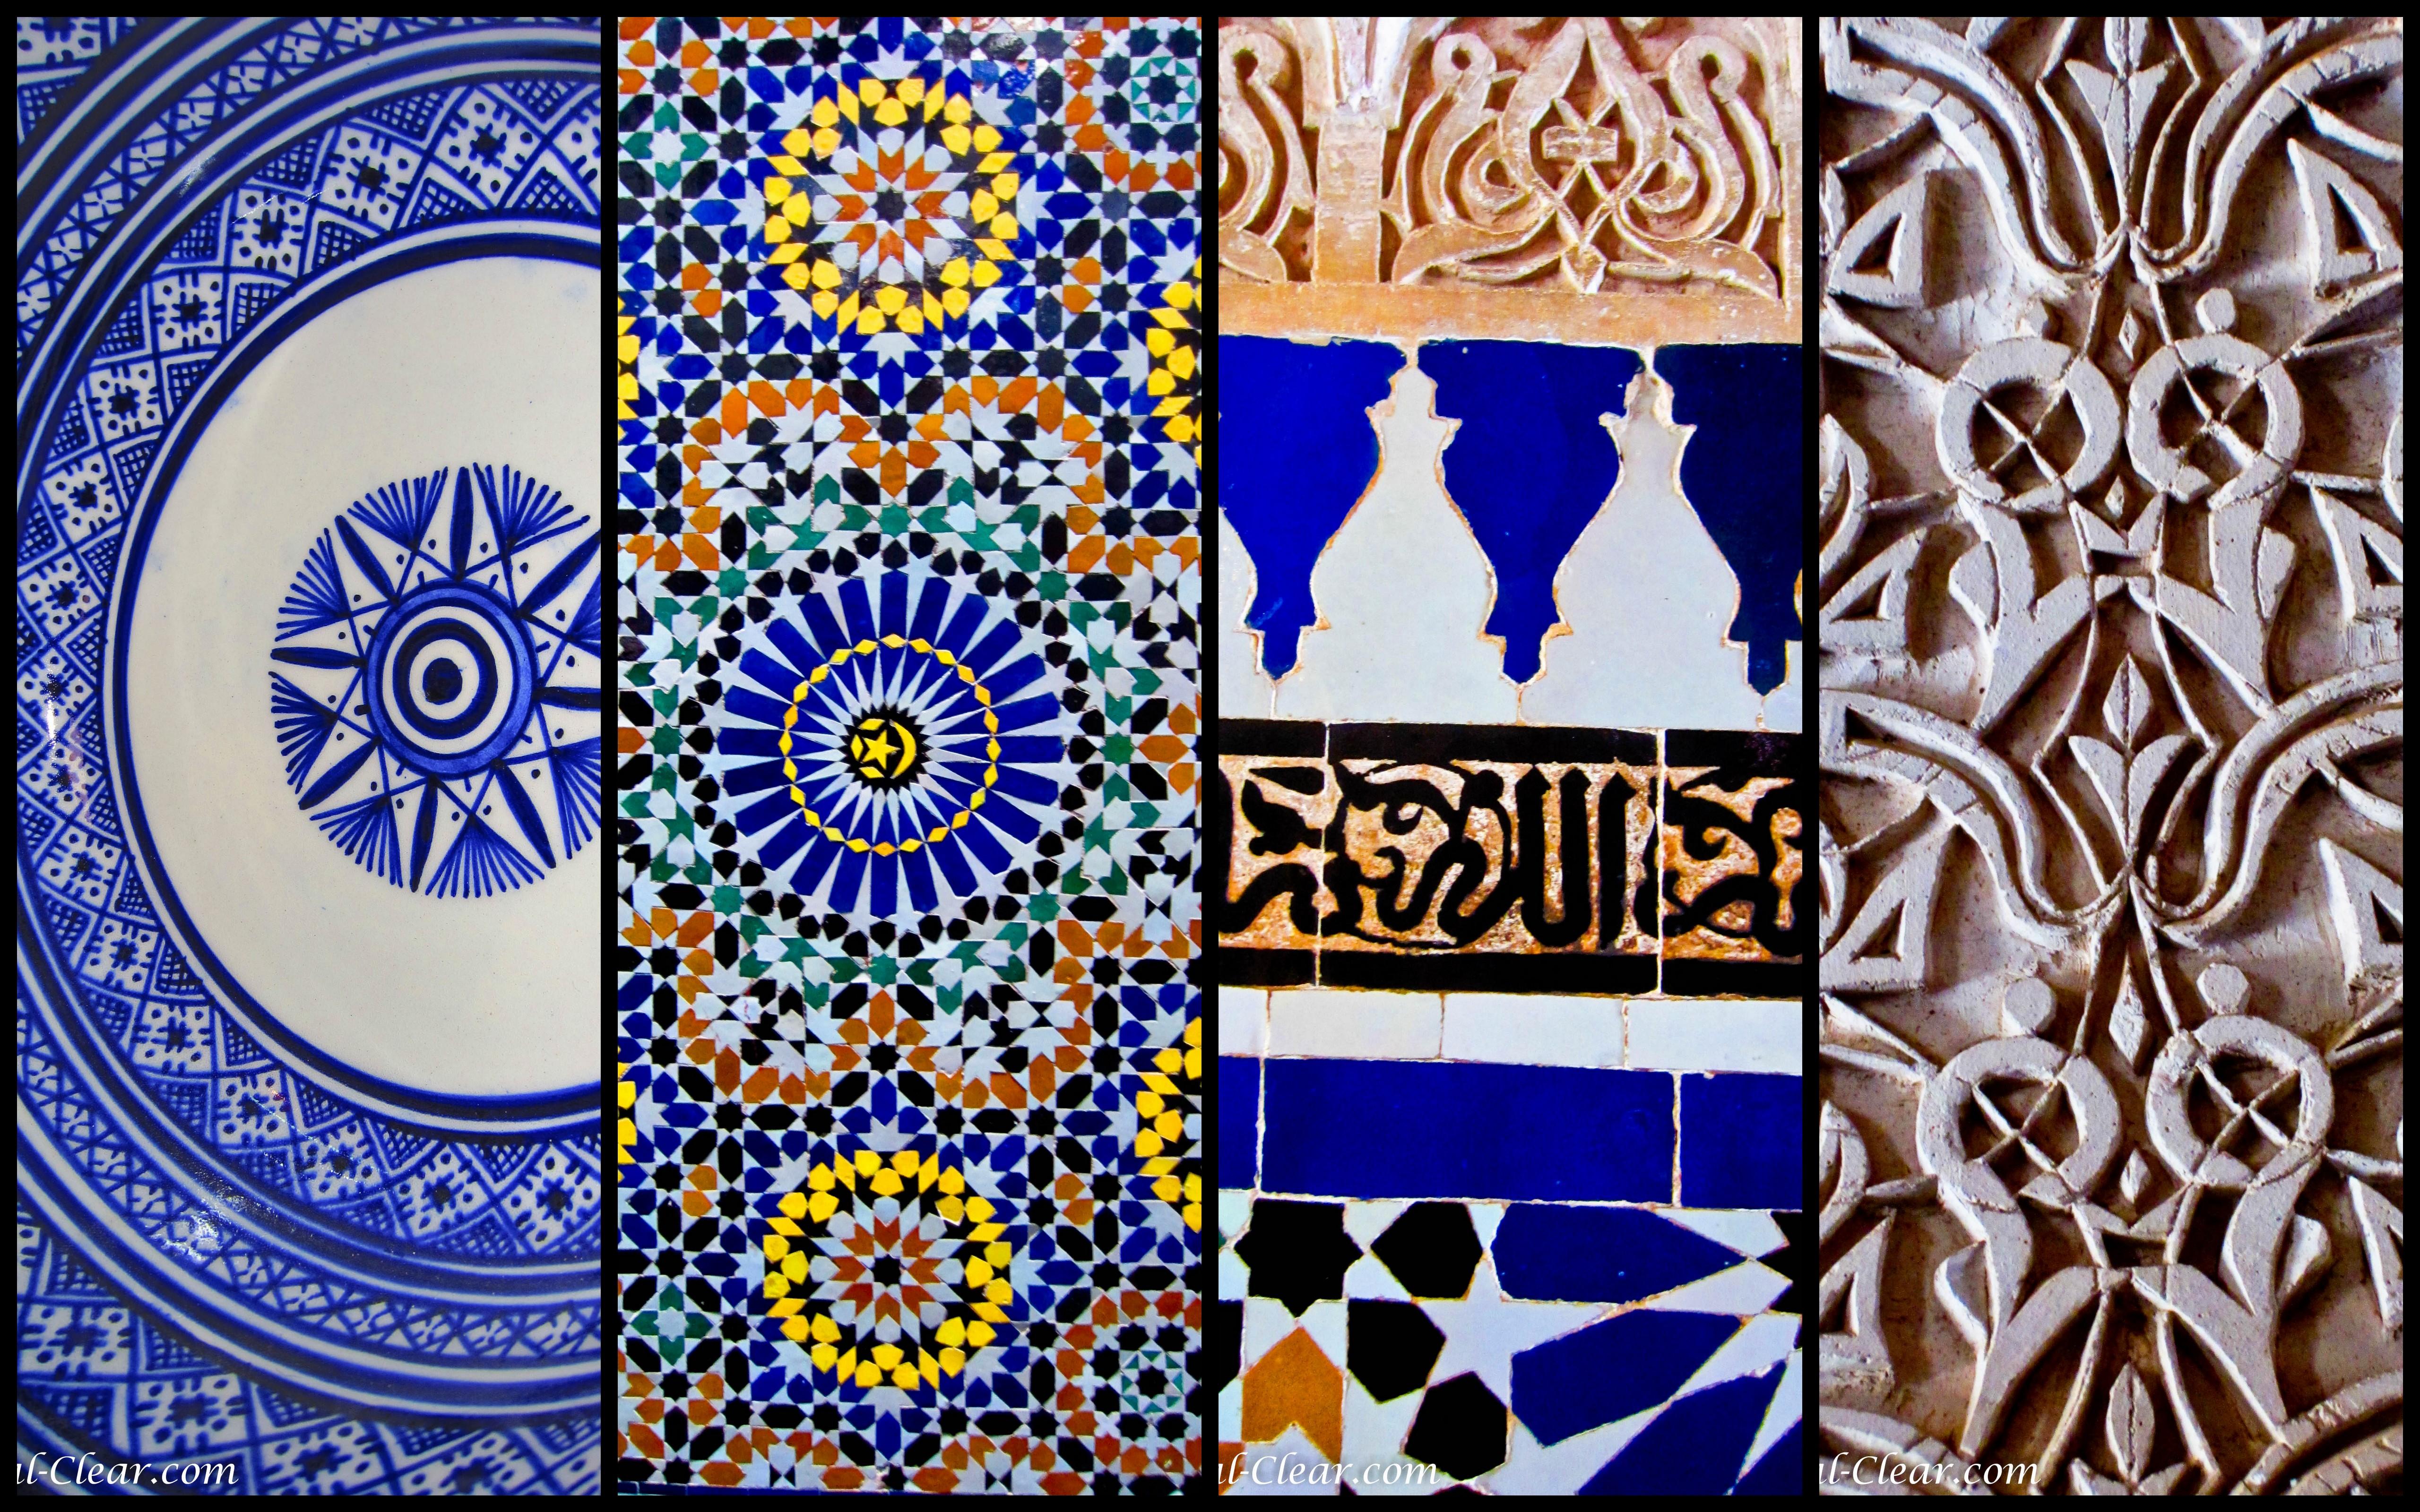 Moroccan Designs Collage - Tierra Este   #72718